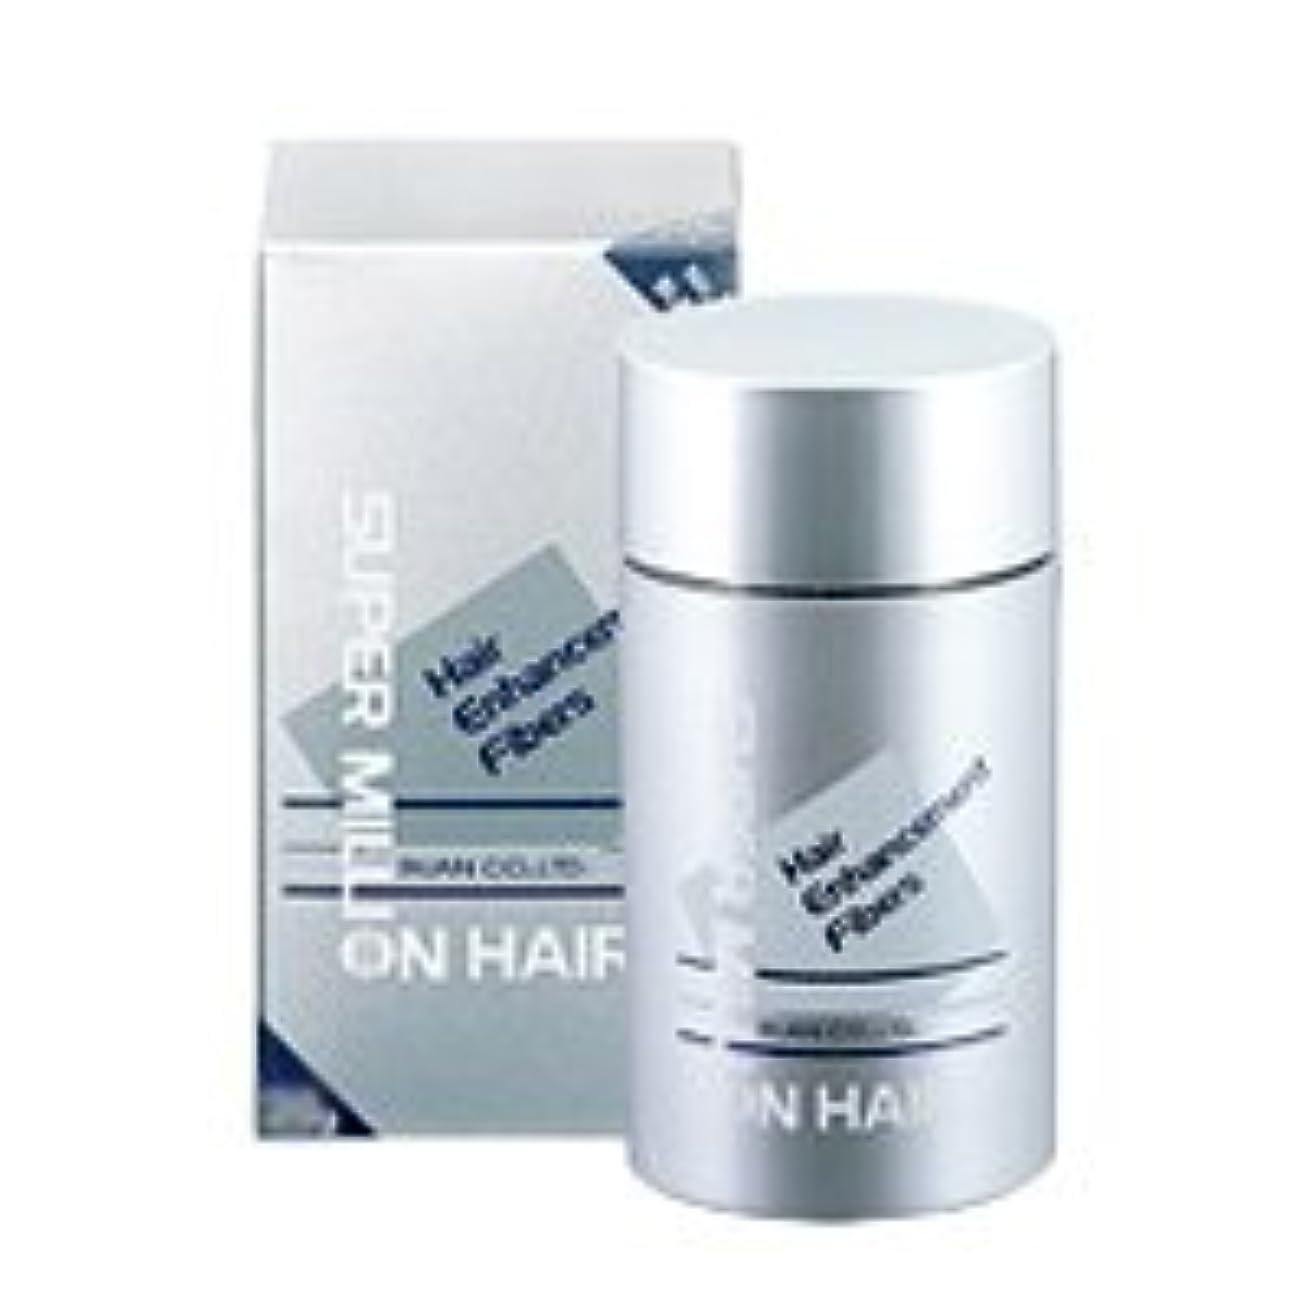 覗くバンガロー棚スーパーミリオンヘアー 30g ダークブラウン/髪の毛に振りかけるだけの薄毛ケア